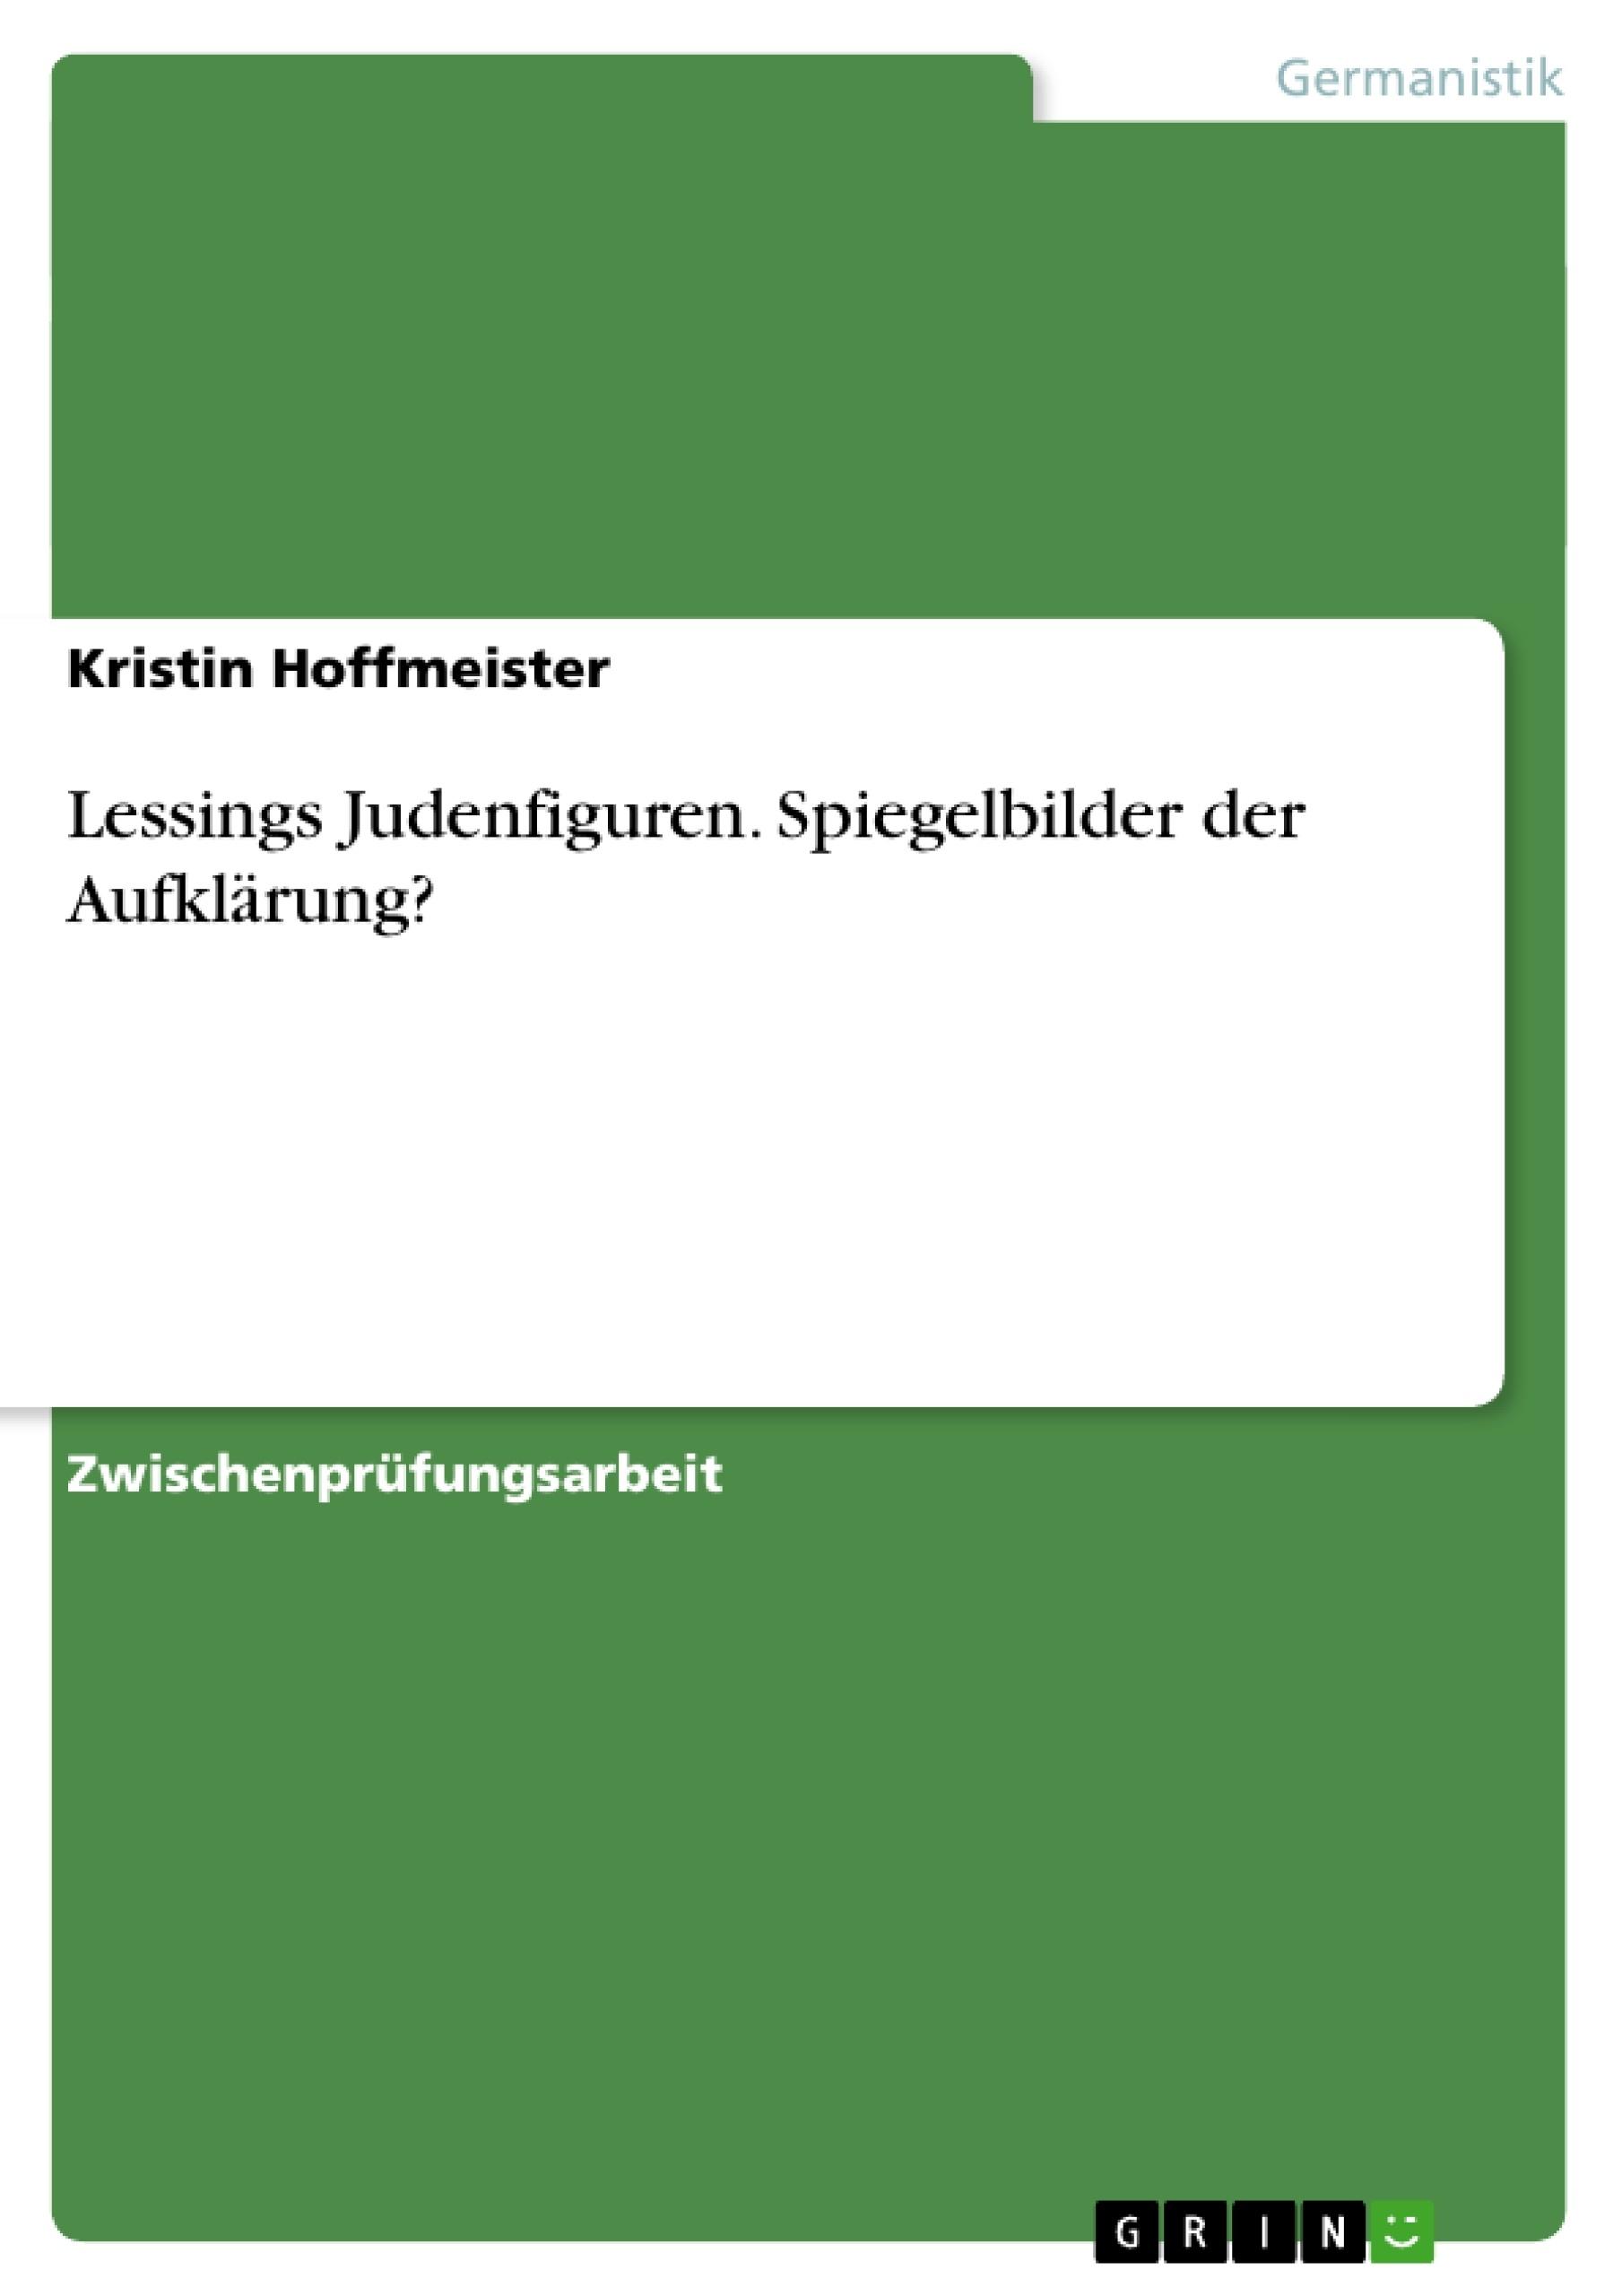 Titel: Lessings Judenfiguren. Spiegelbilder der Aufklärung?